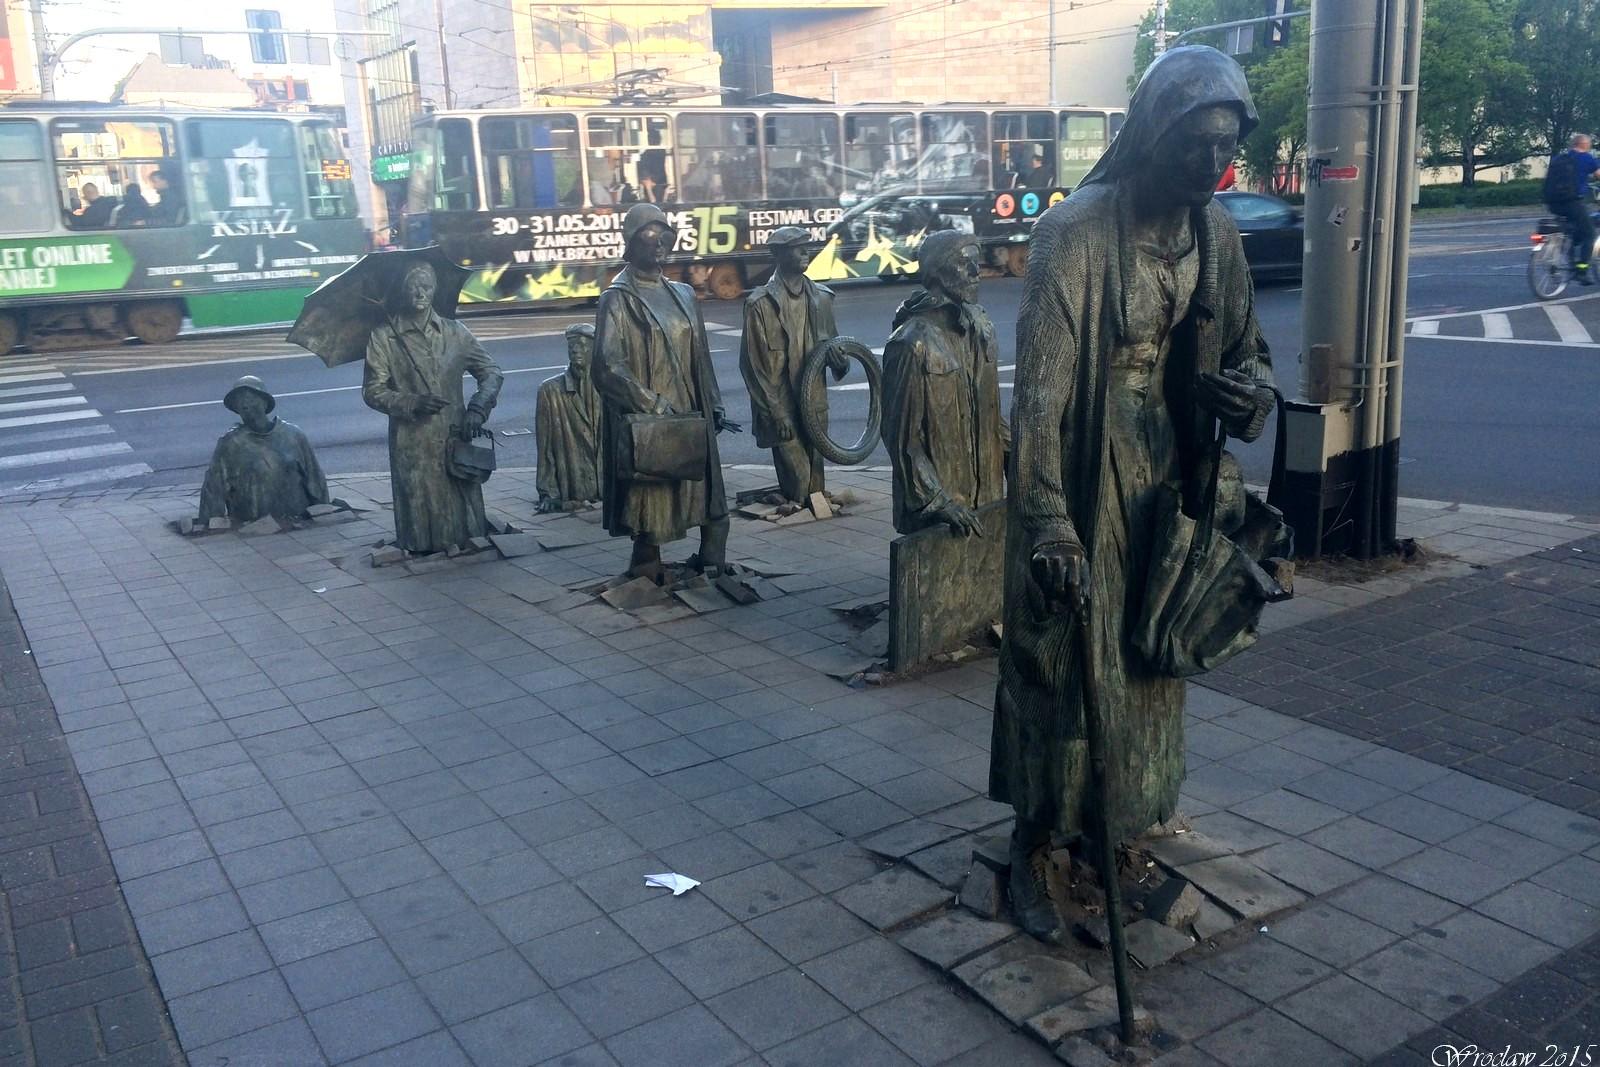 Pomnik Anonimowego Przechodnia we Wrocławiu, Poland